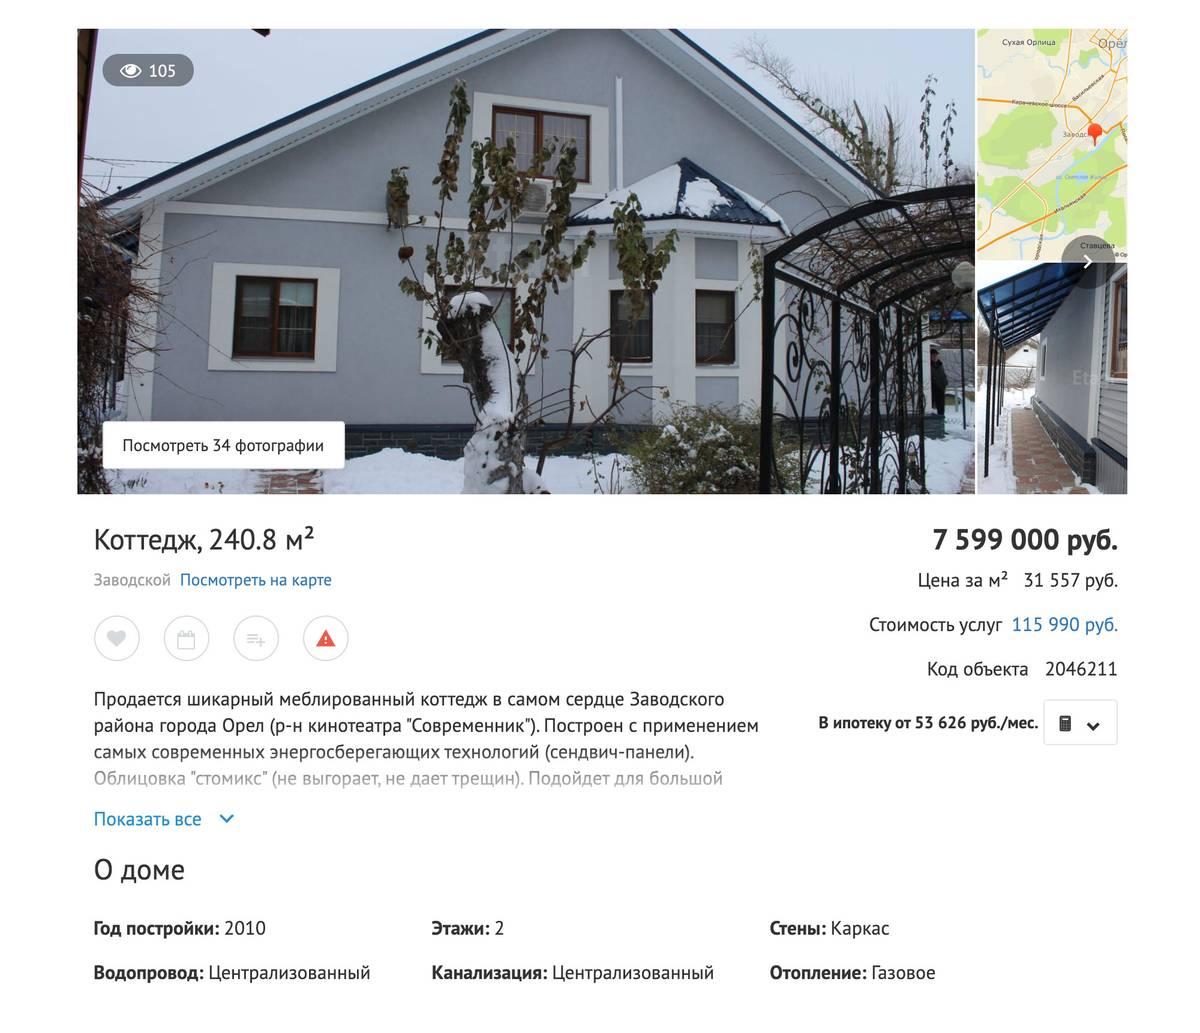 Двухэтажный коттедж площадью 241м² с землей 6 соток можно купить в черте города за 7,6млн рублей